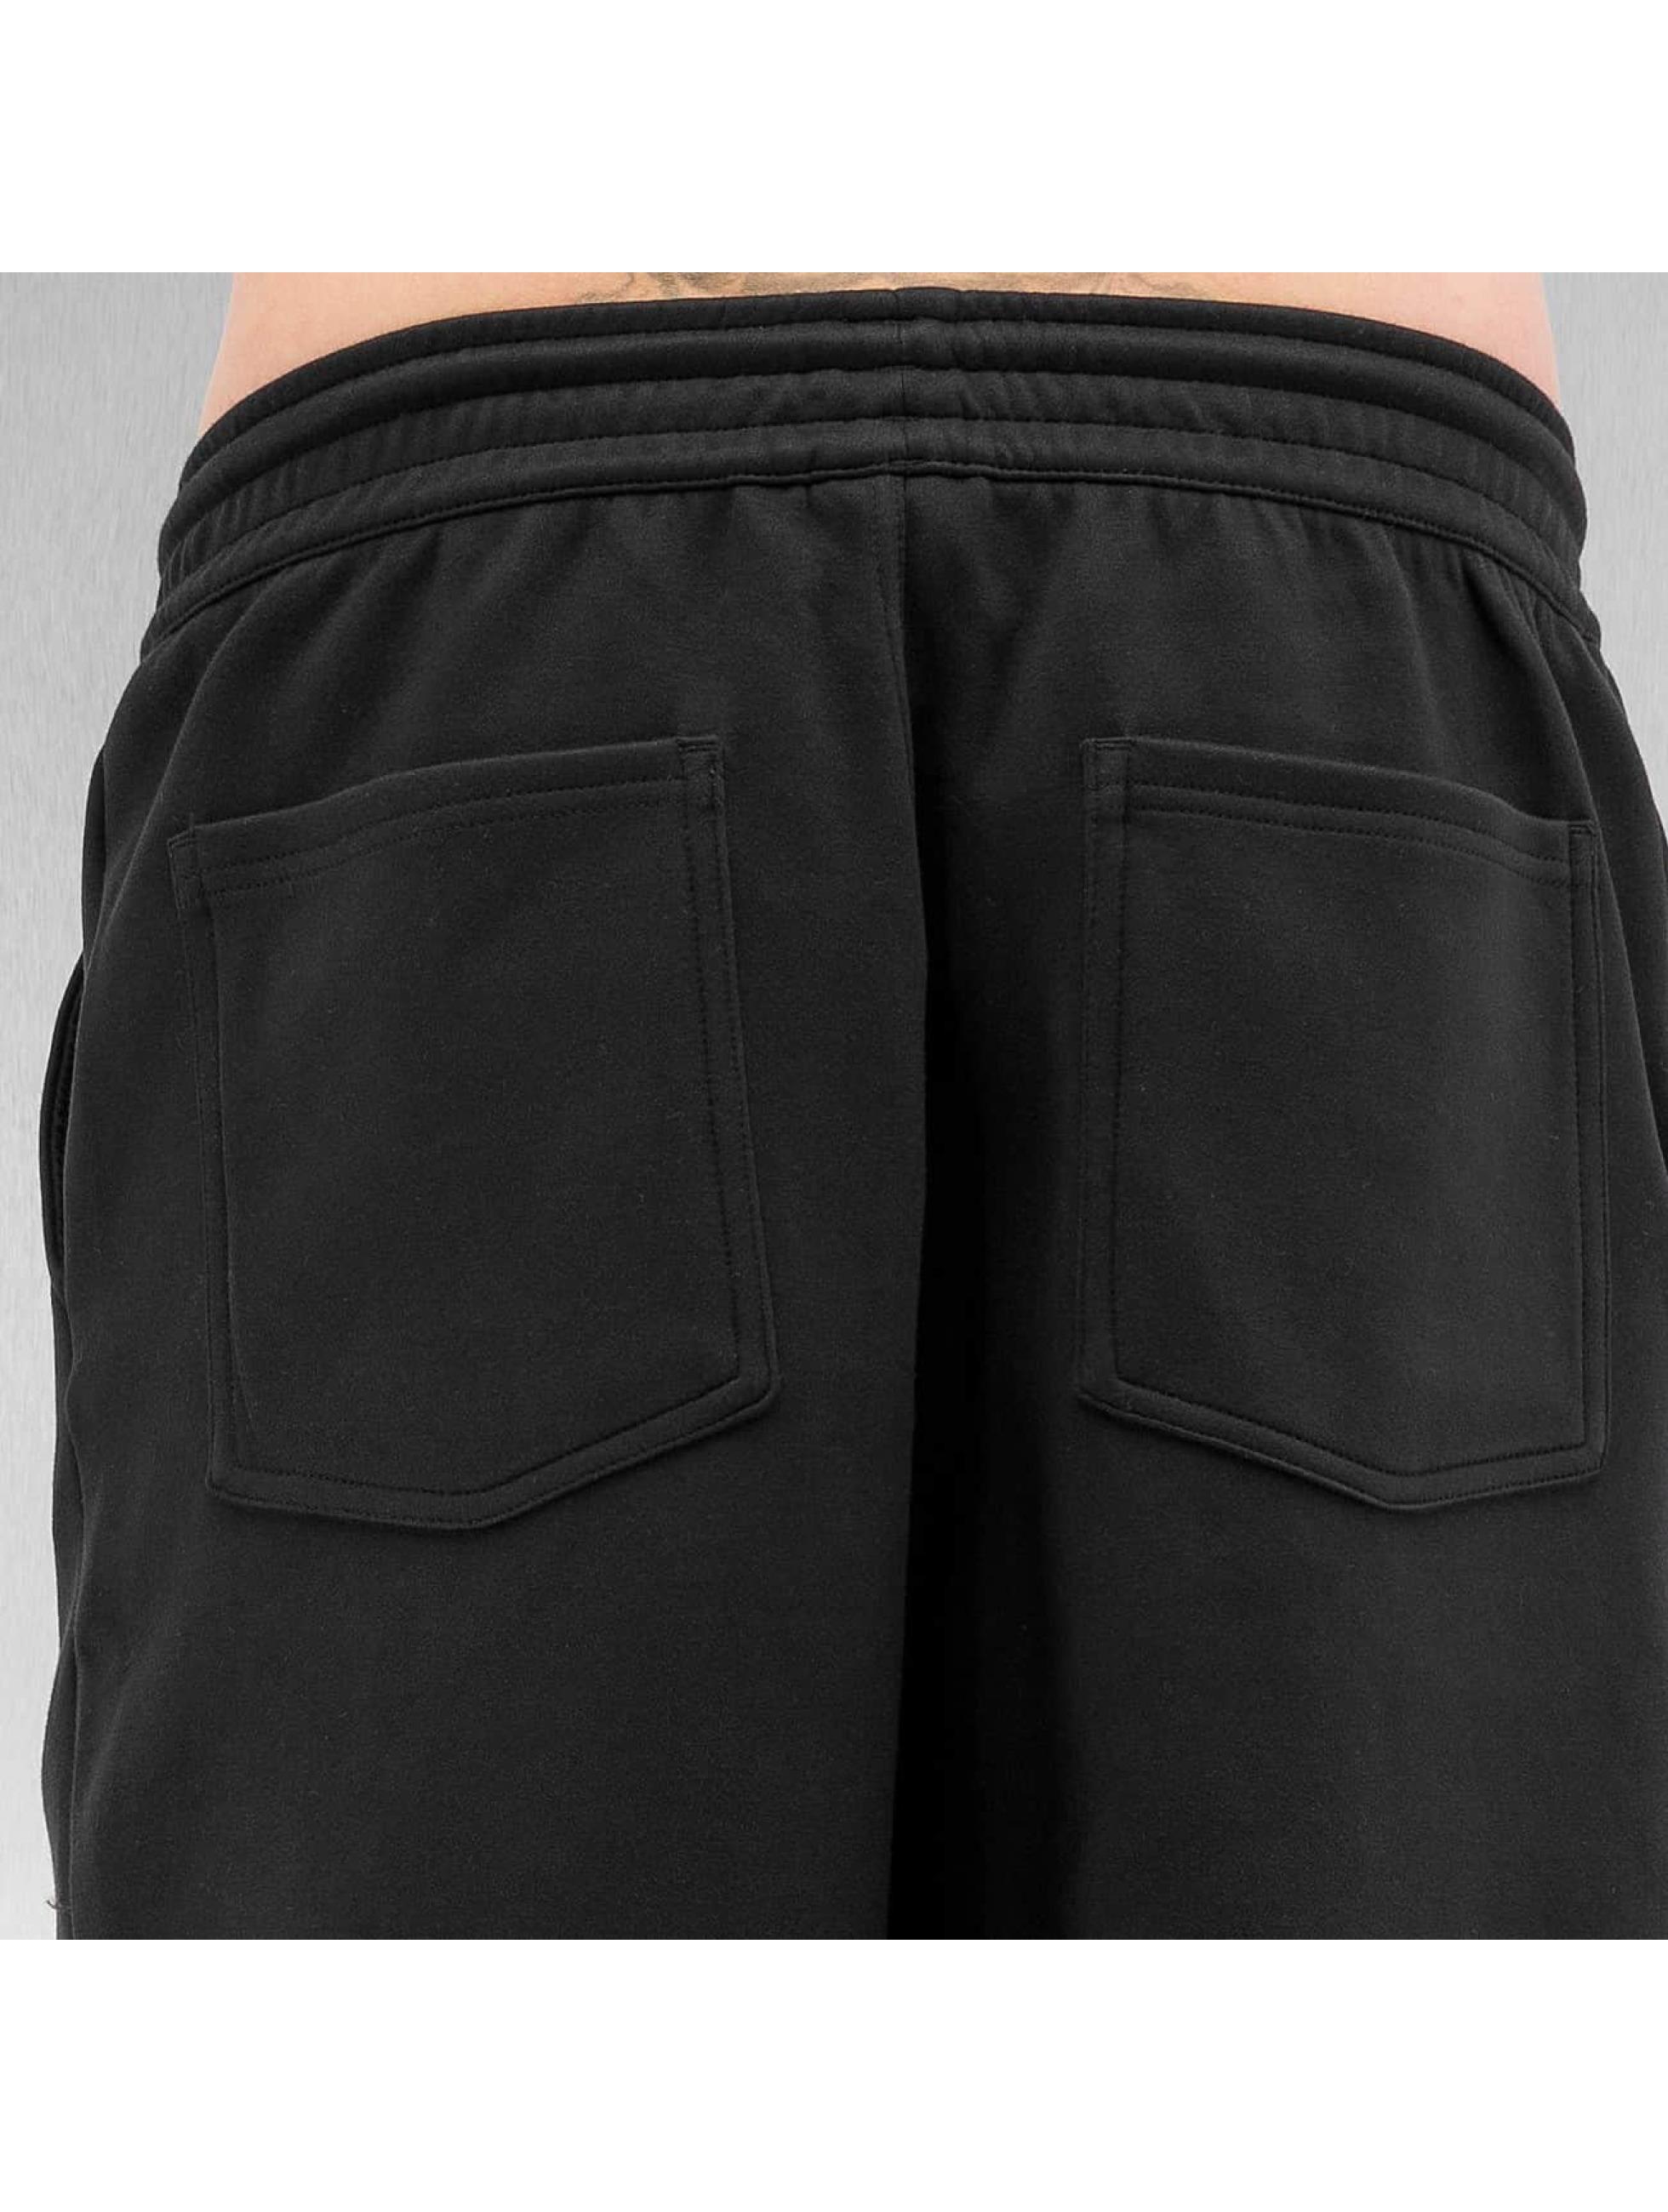 adidas originals Short NYC Premium black